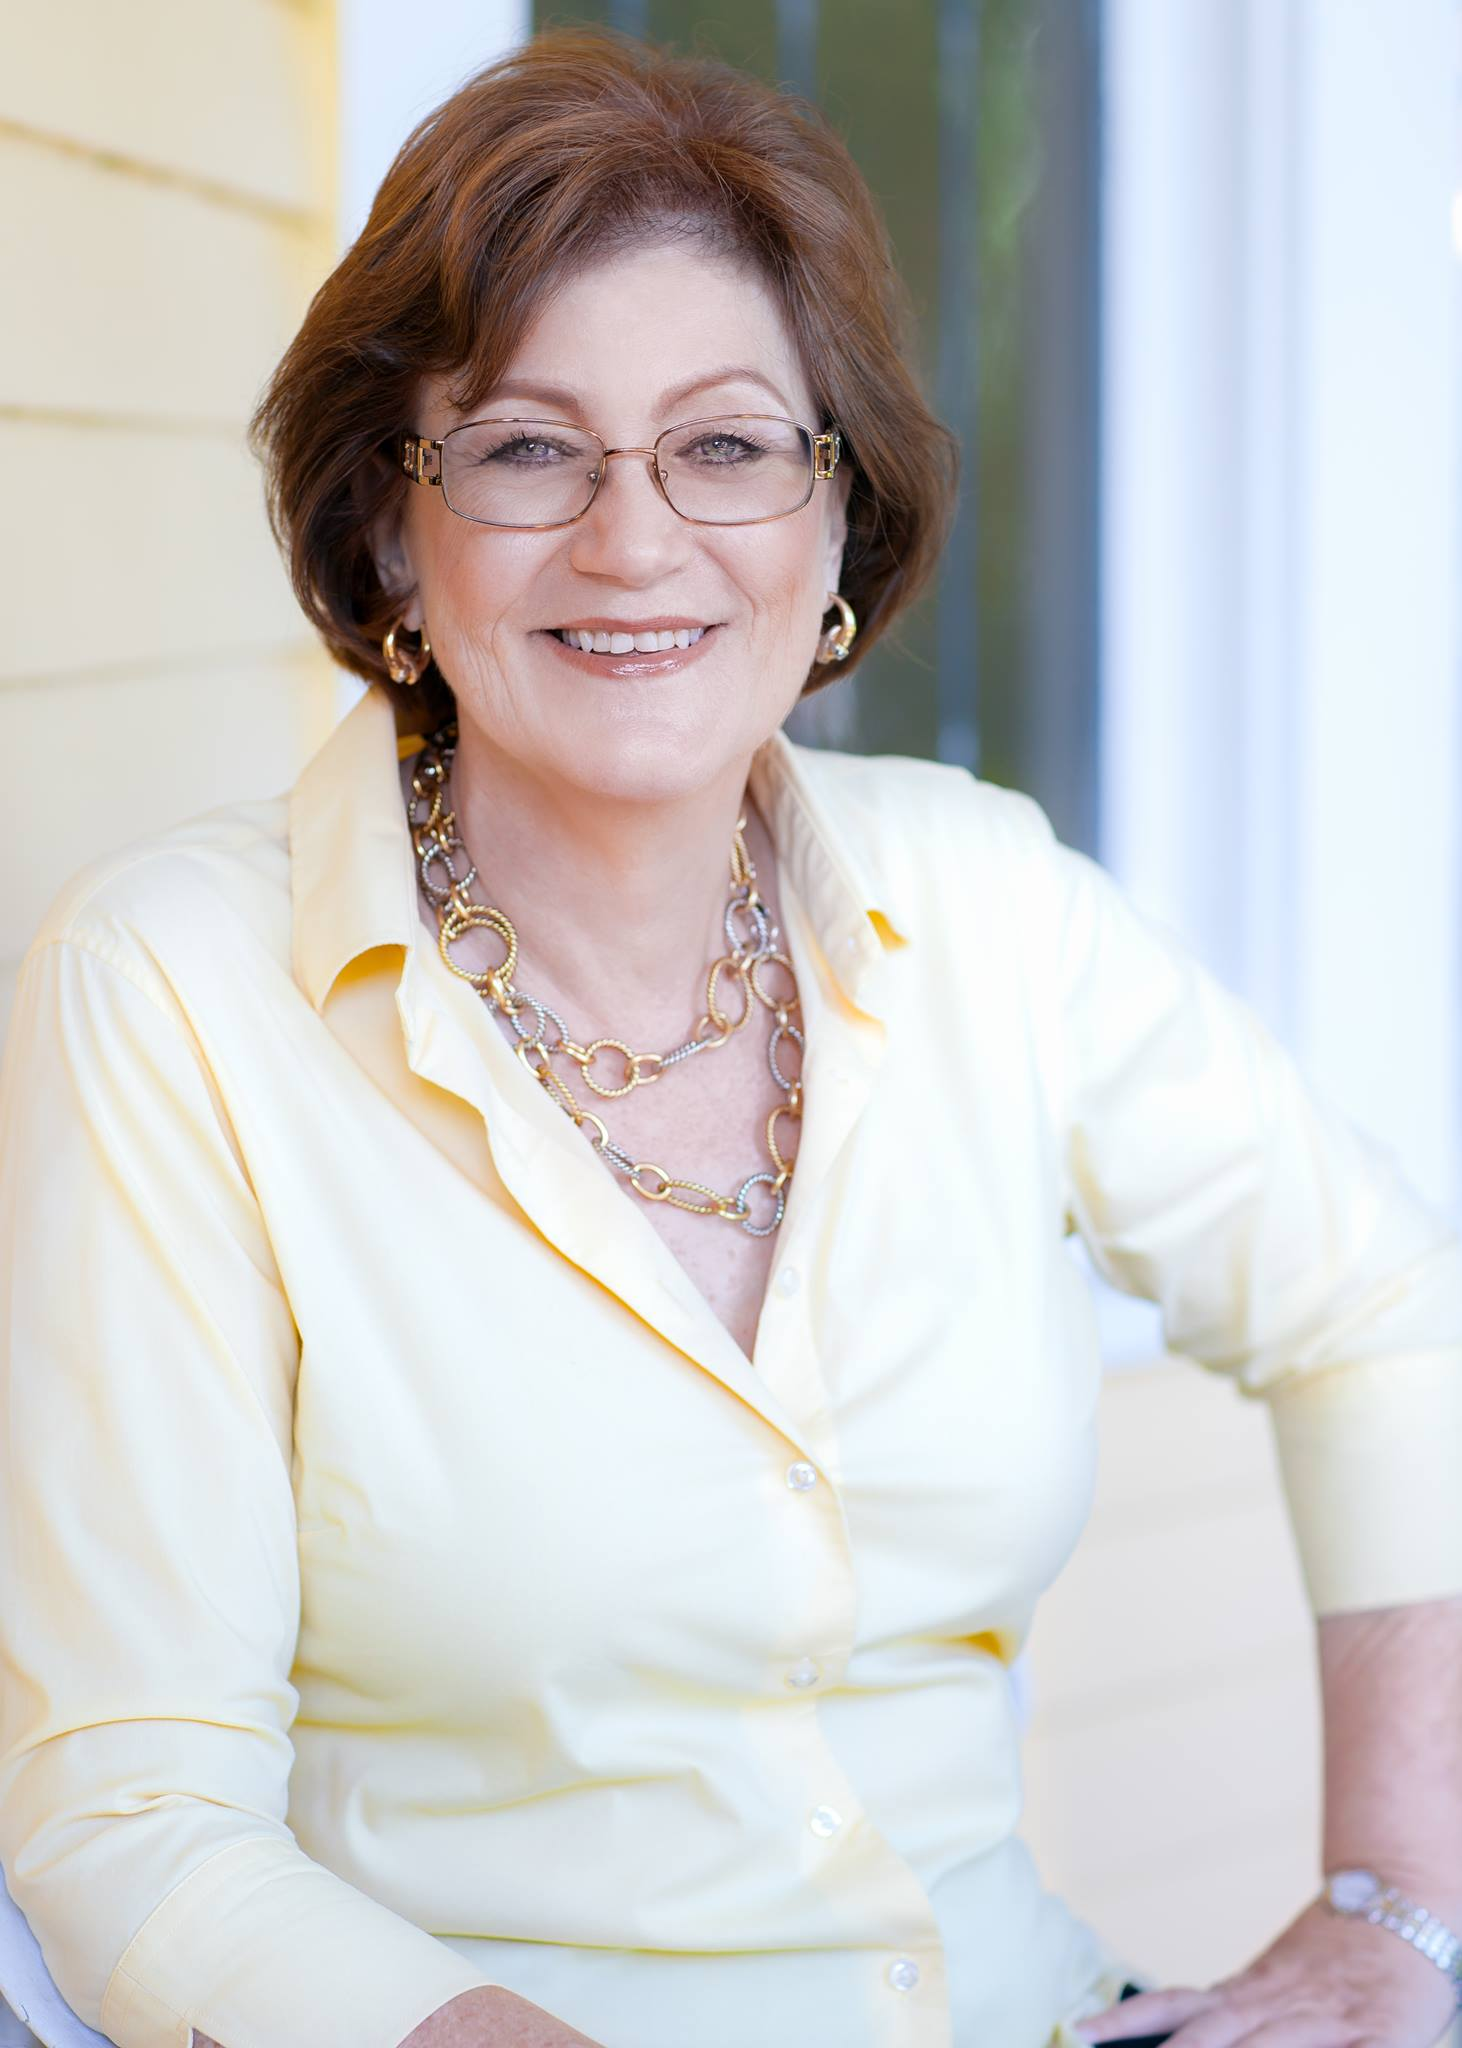 Susan Proctor, Realtor